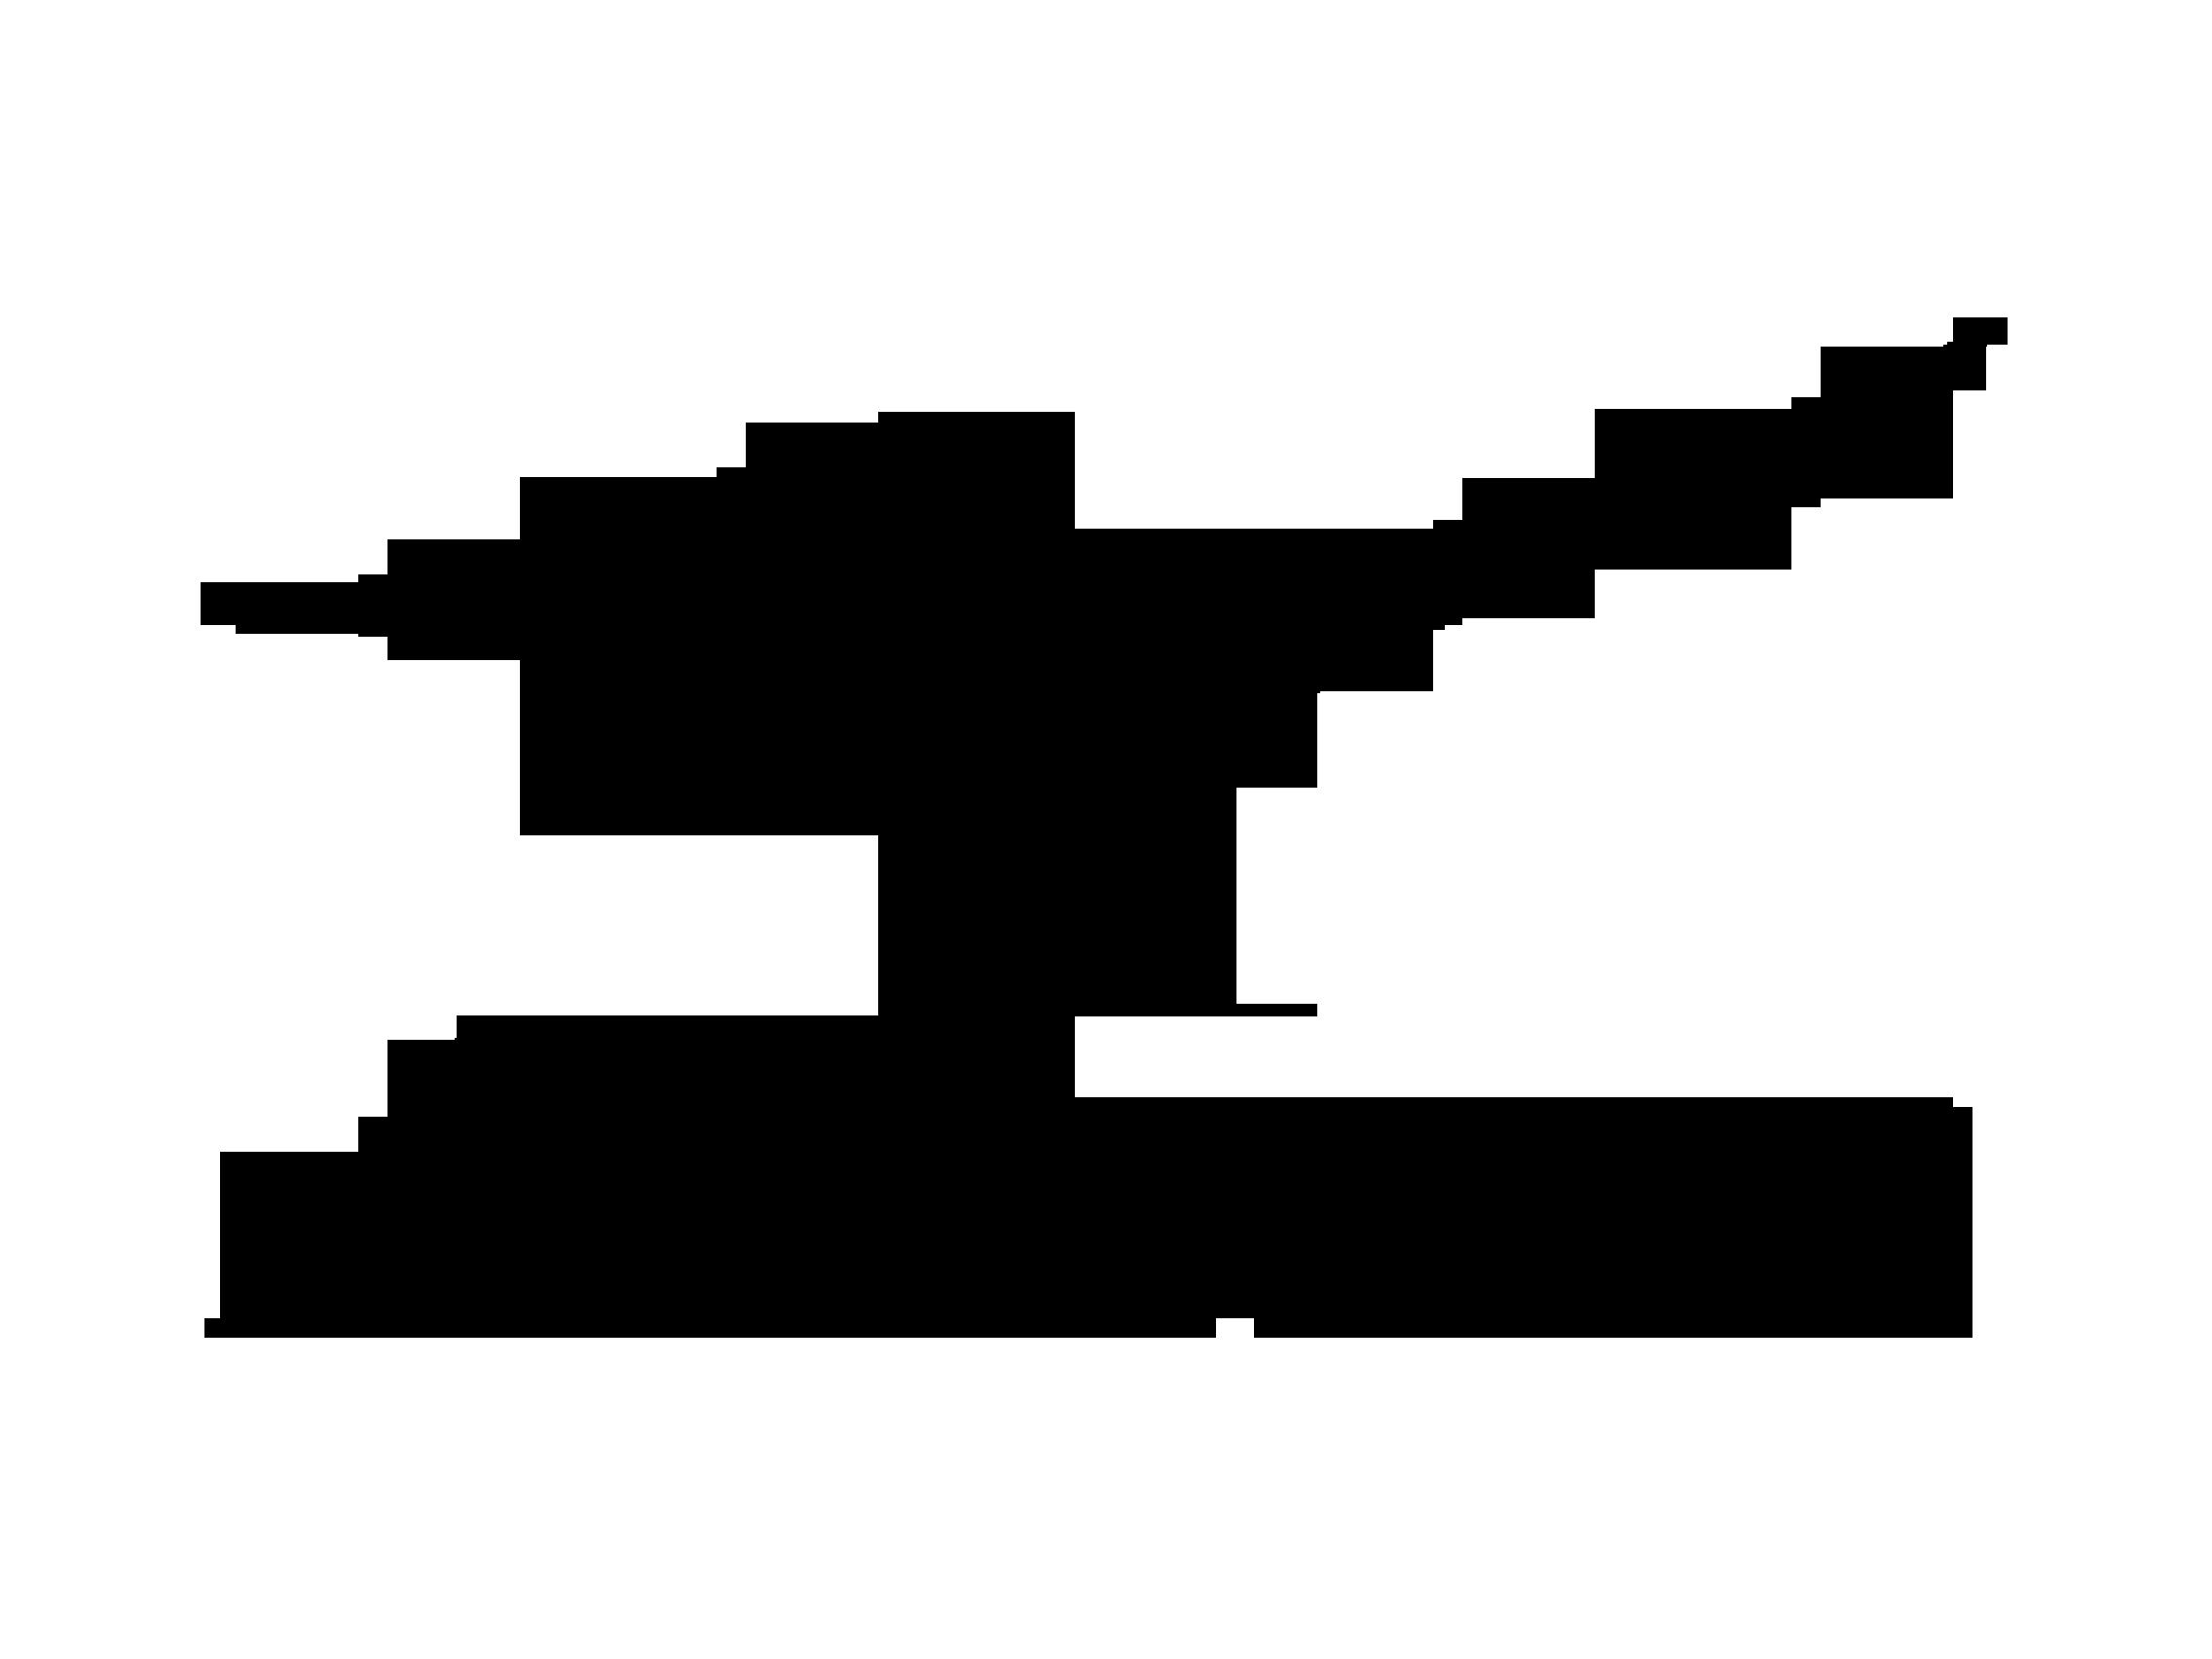 MIZLogo